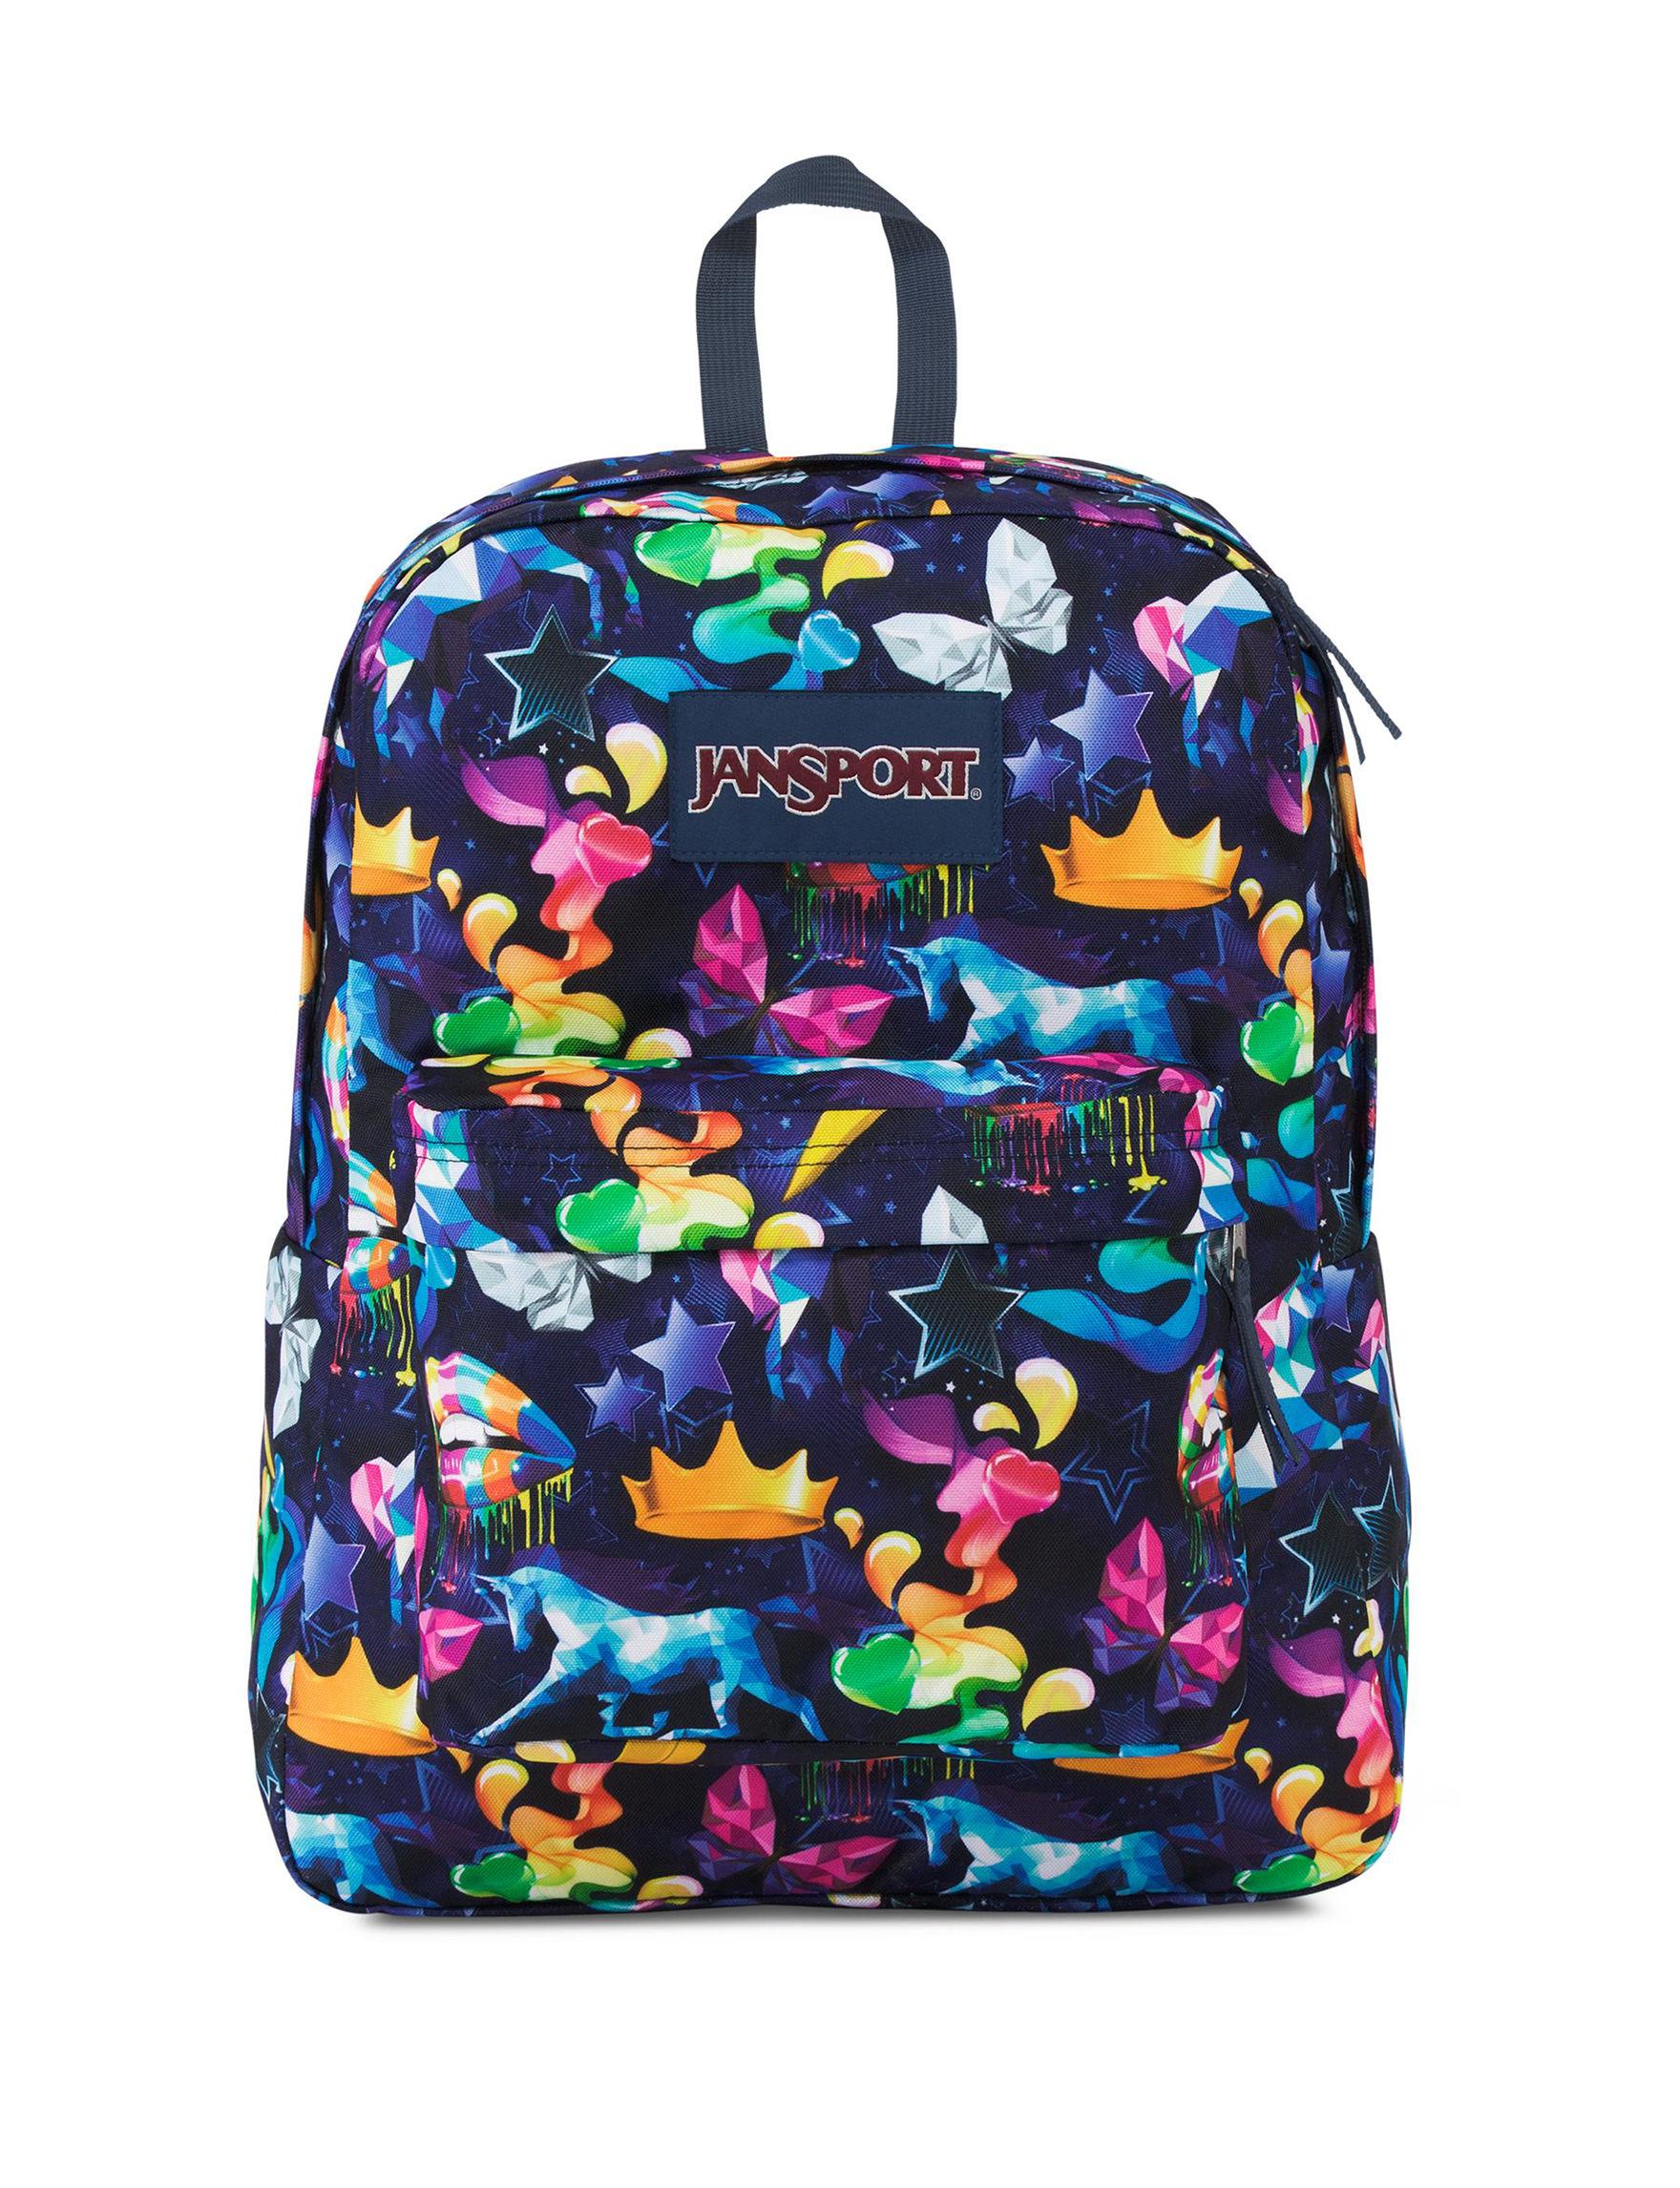 Jansport Blue Multi Bookbags & Backpacks